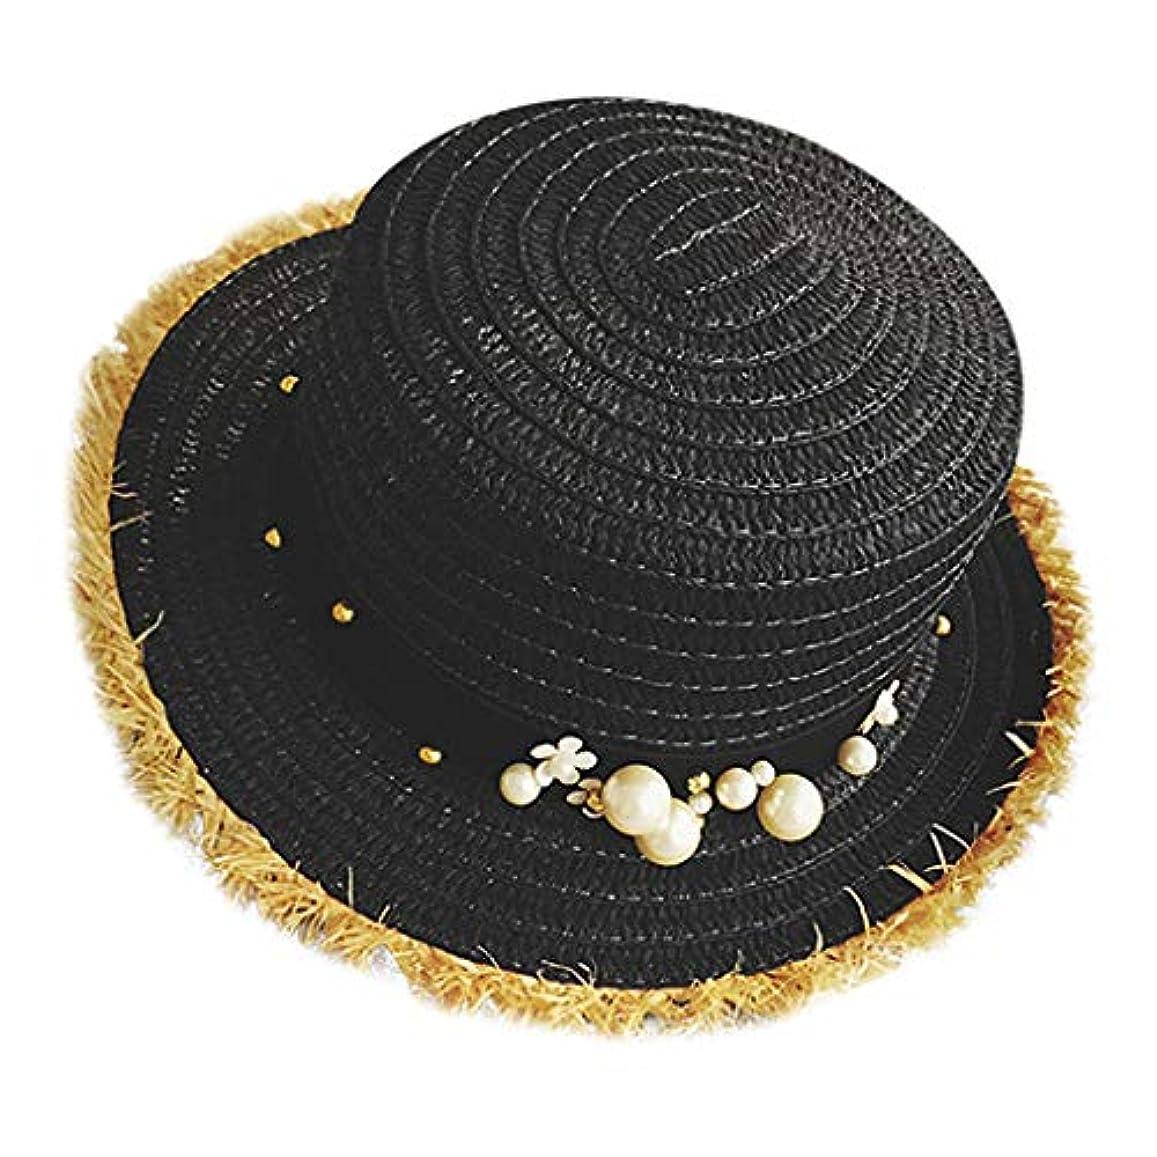 共和国コミュニケーション不安定な帽子 レディース UVカット 帽子 麦わら帽子 UV帽子 紫外線対策 通気性 漁師の帽子 ニット帽 マニュアル 真珠 太陽 キャップ 余暇 休暇 キャップ レディース ハンチング帽 大きいサイズ 発送 ROSE ROMAN